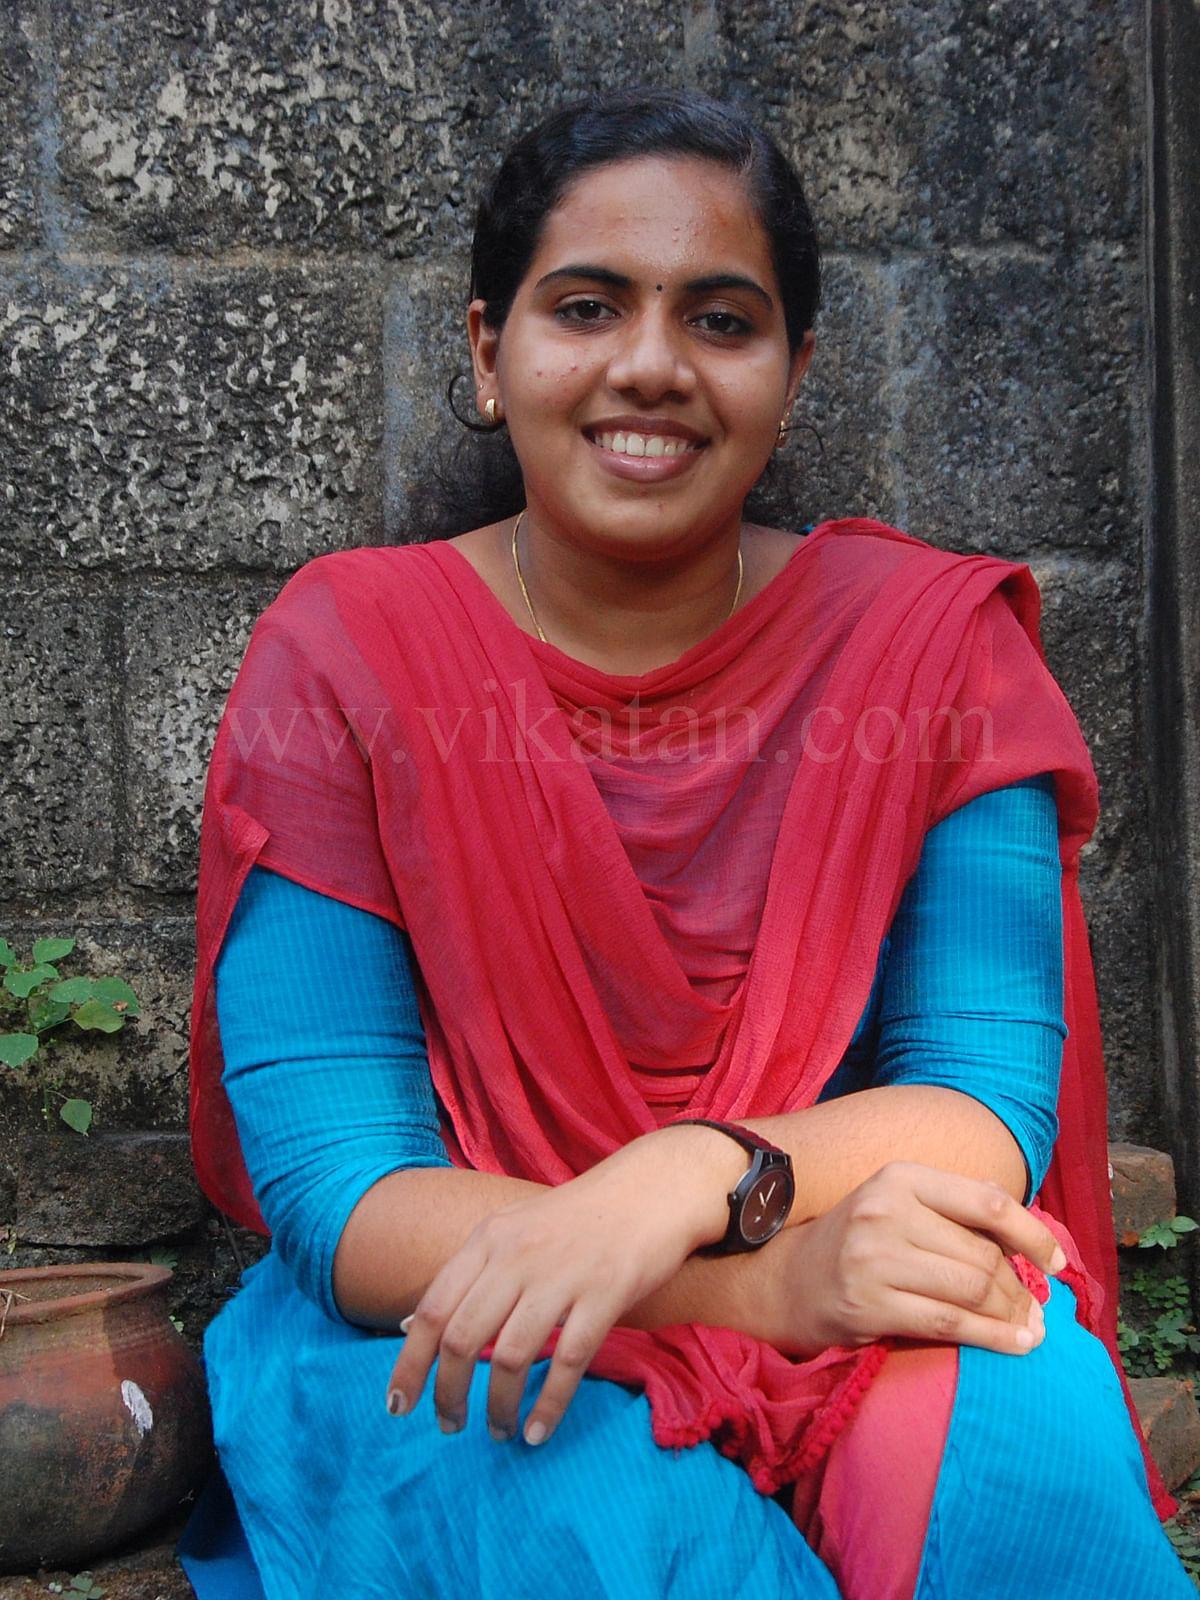 கல்லூரி மாணவி ஆர்யா ராஜேந்திரன்